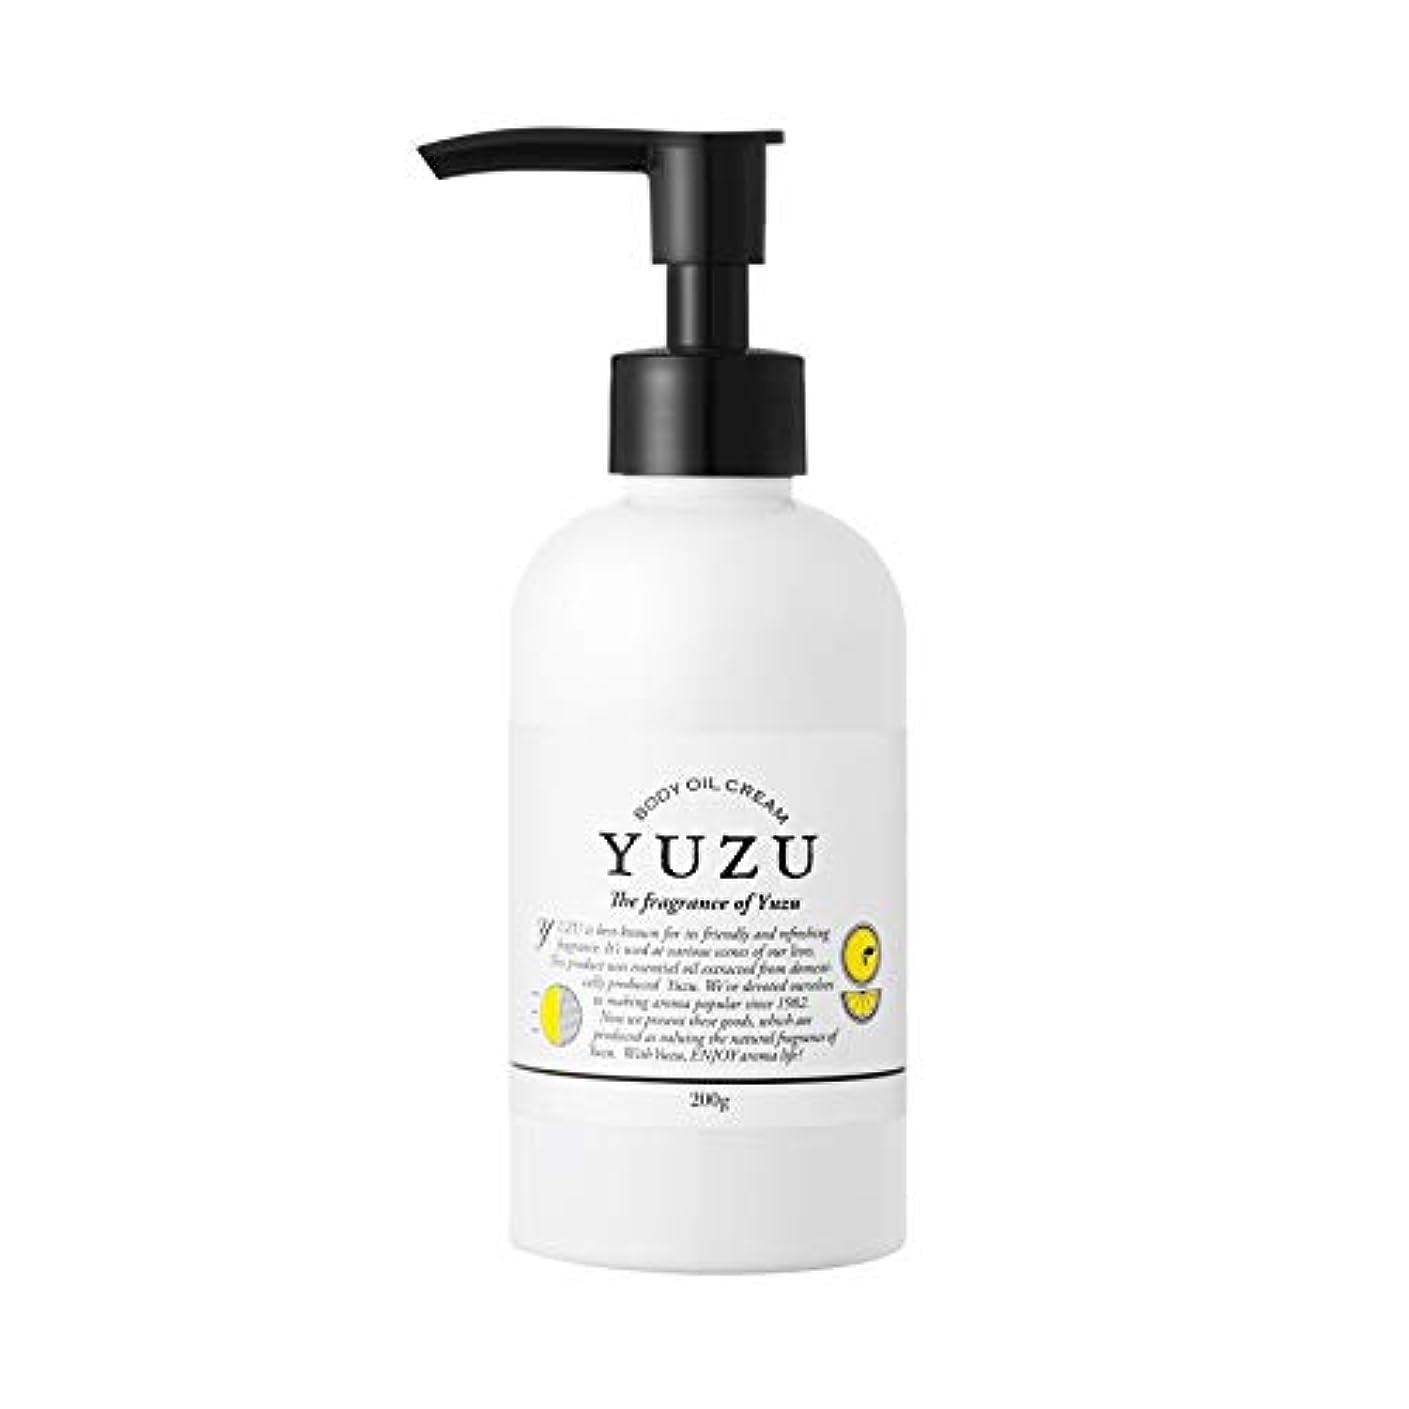 インセンティブ細断致命的なビケン YUZU ボディオイルクリーム